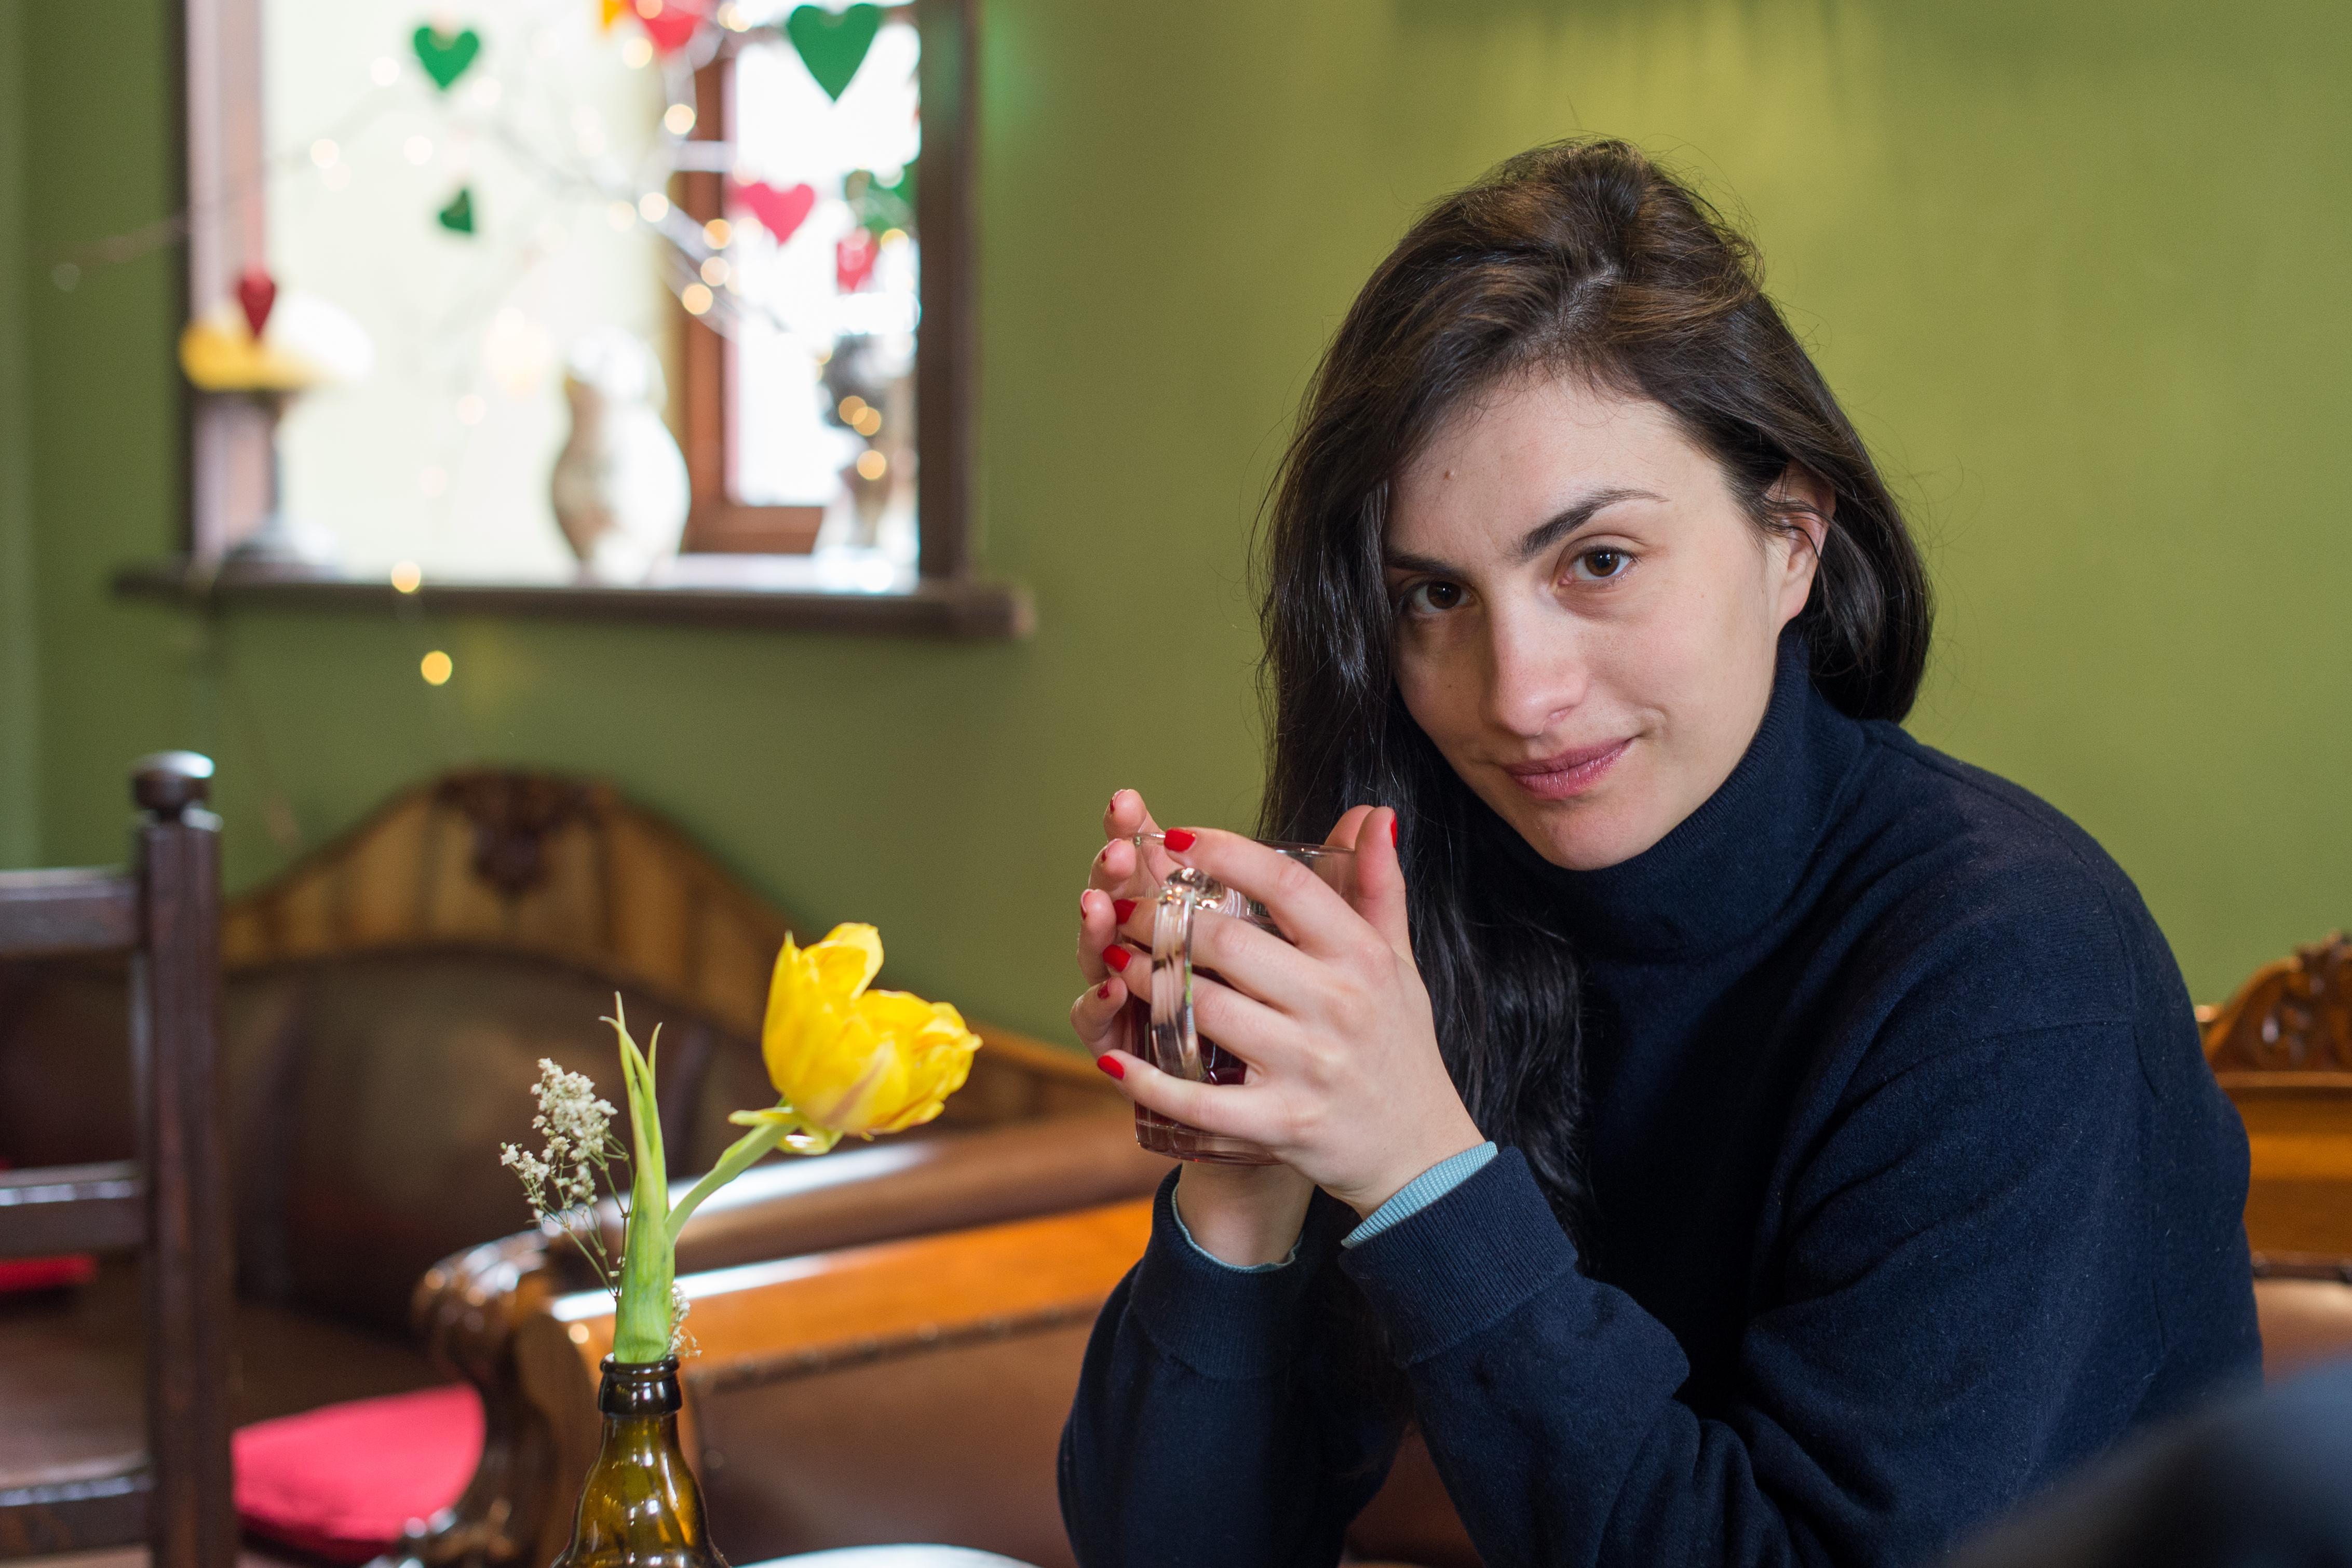 Dramaturgė Teklė Kavtaradze: mes visi labiau susiję, nei esame įpratę galvoti